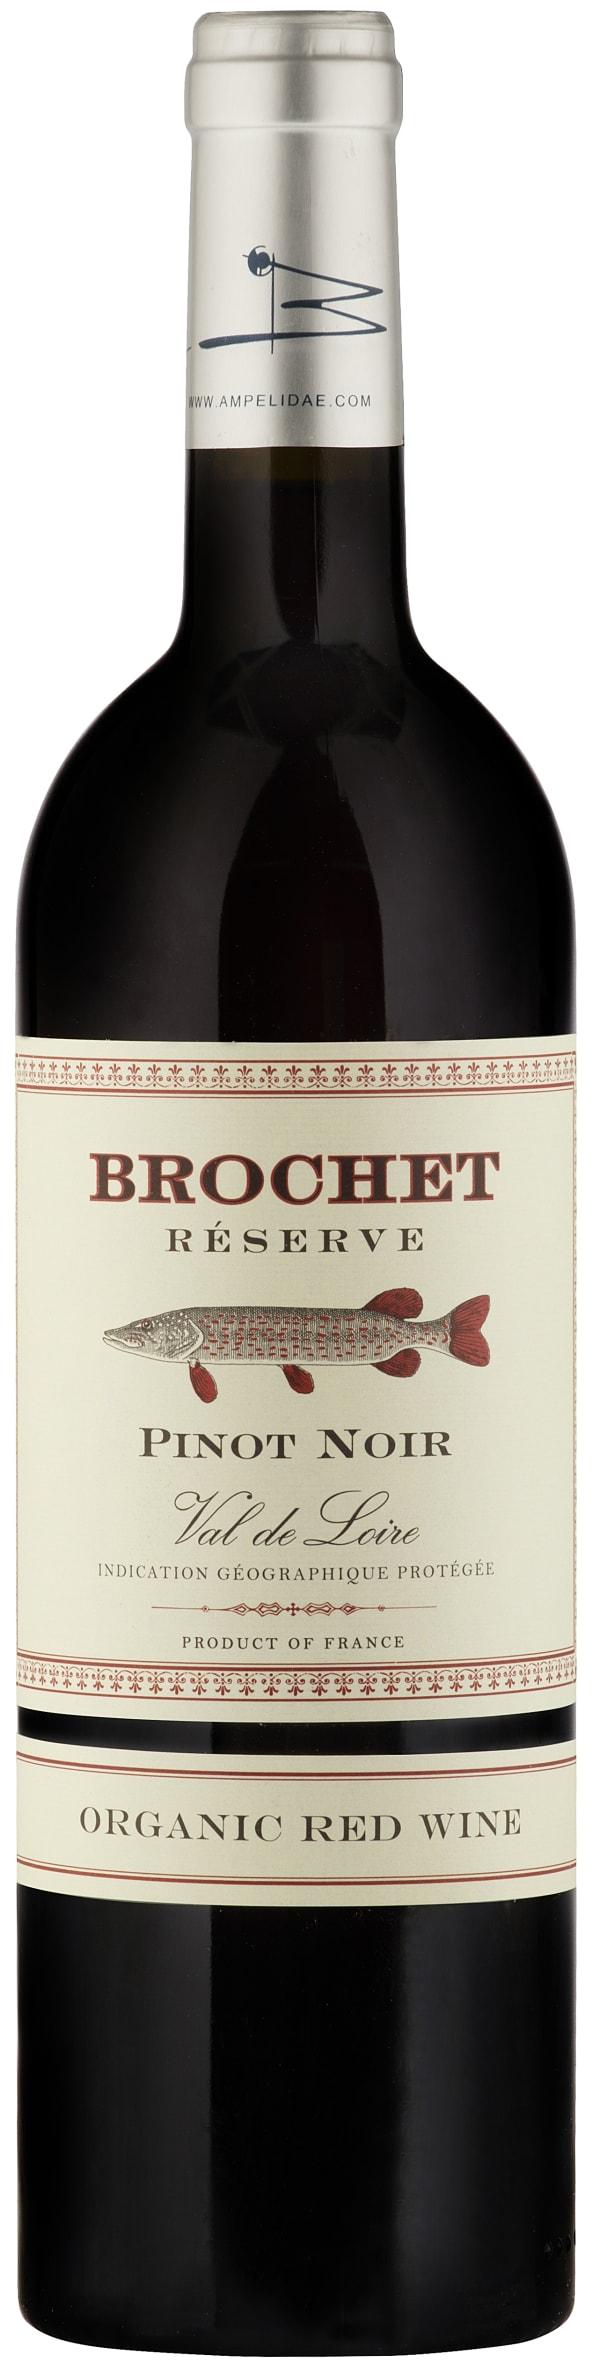 Brochet Organic Pinot Noir Réserve 2015